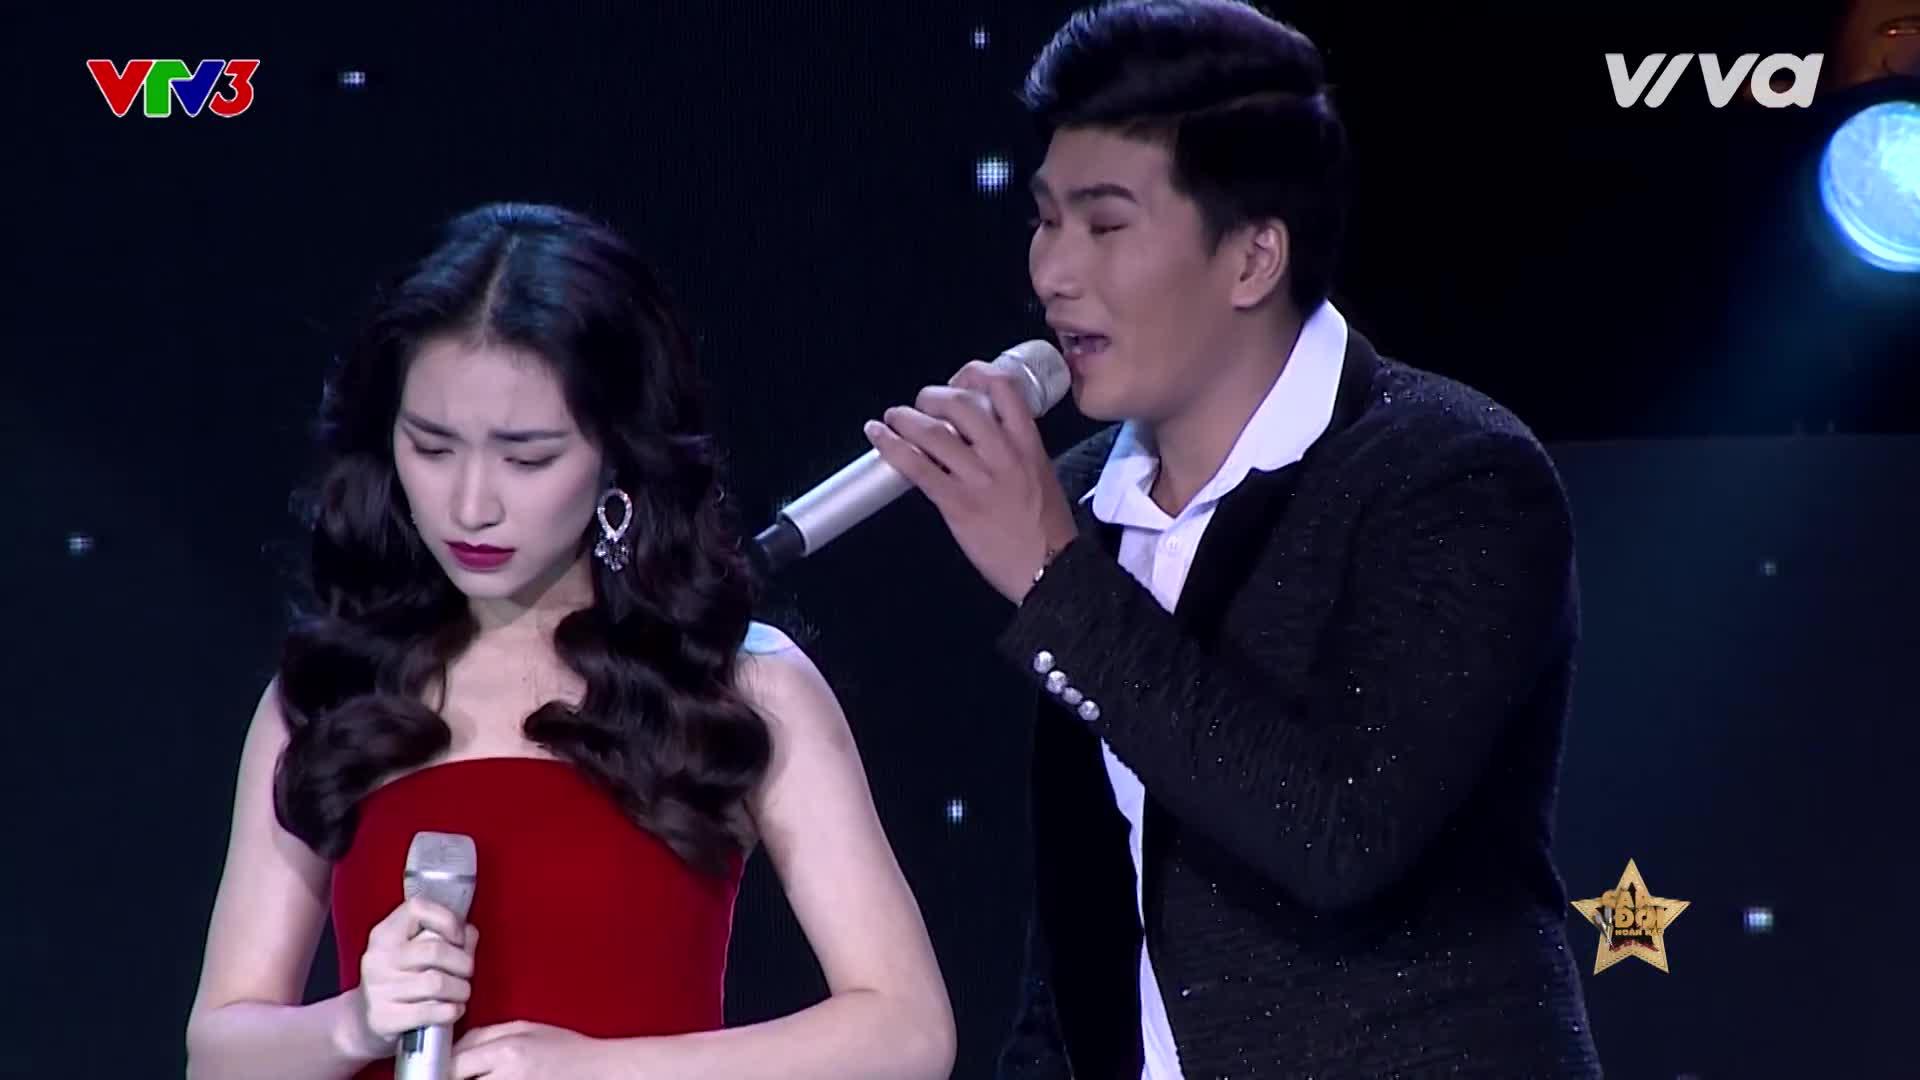 Sau màn đập ly đêm tân hôn, Hòa Minzy tiếp tục giận hờn ông xã Hoàng Ngọc Sơn